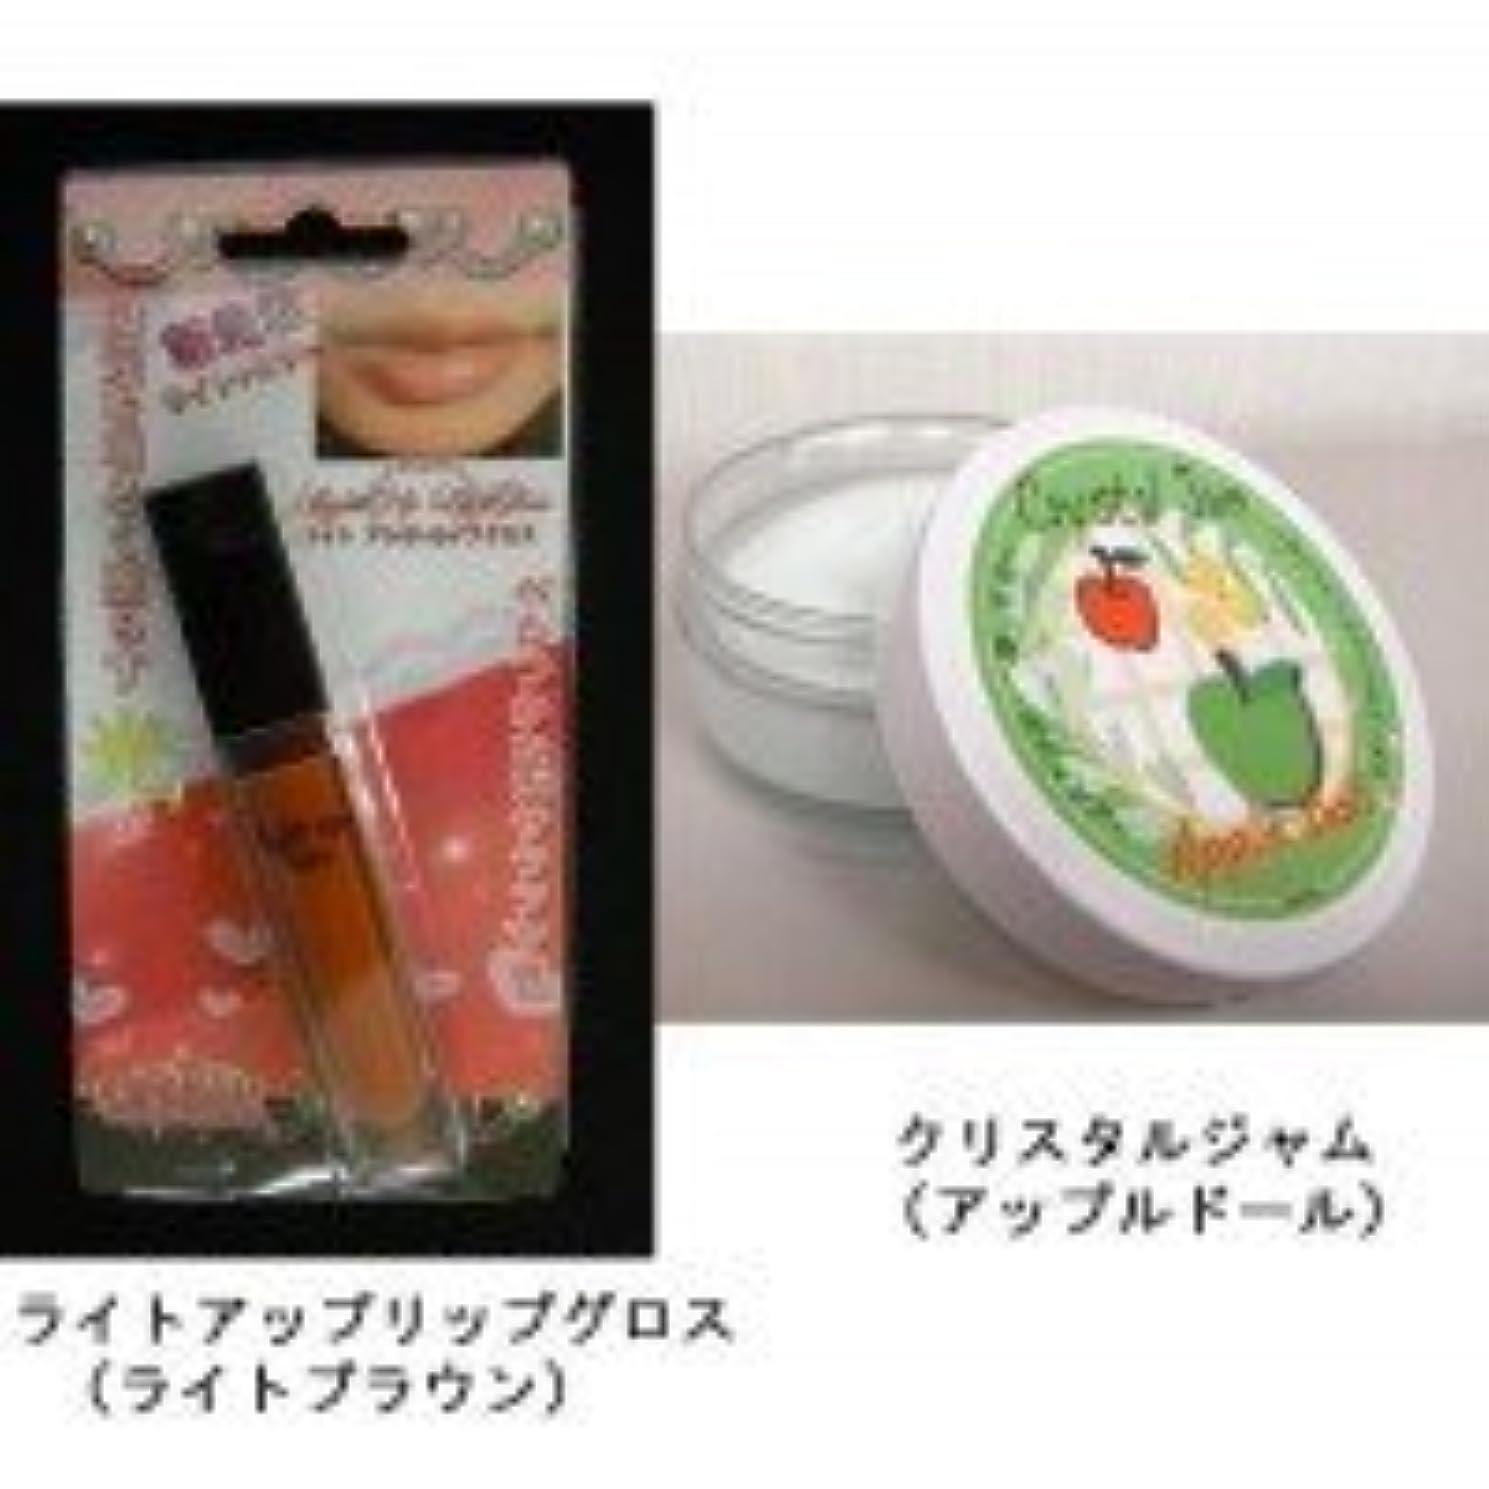 香りキャロライン支配的シブギャル ライトアップリップグロス 7ml ライトブラウン & クリスタルジャム 75g アップルドール